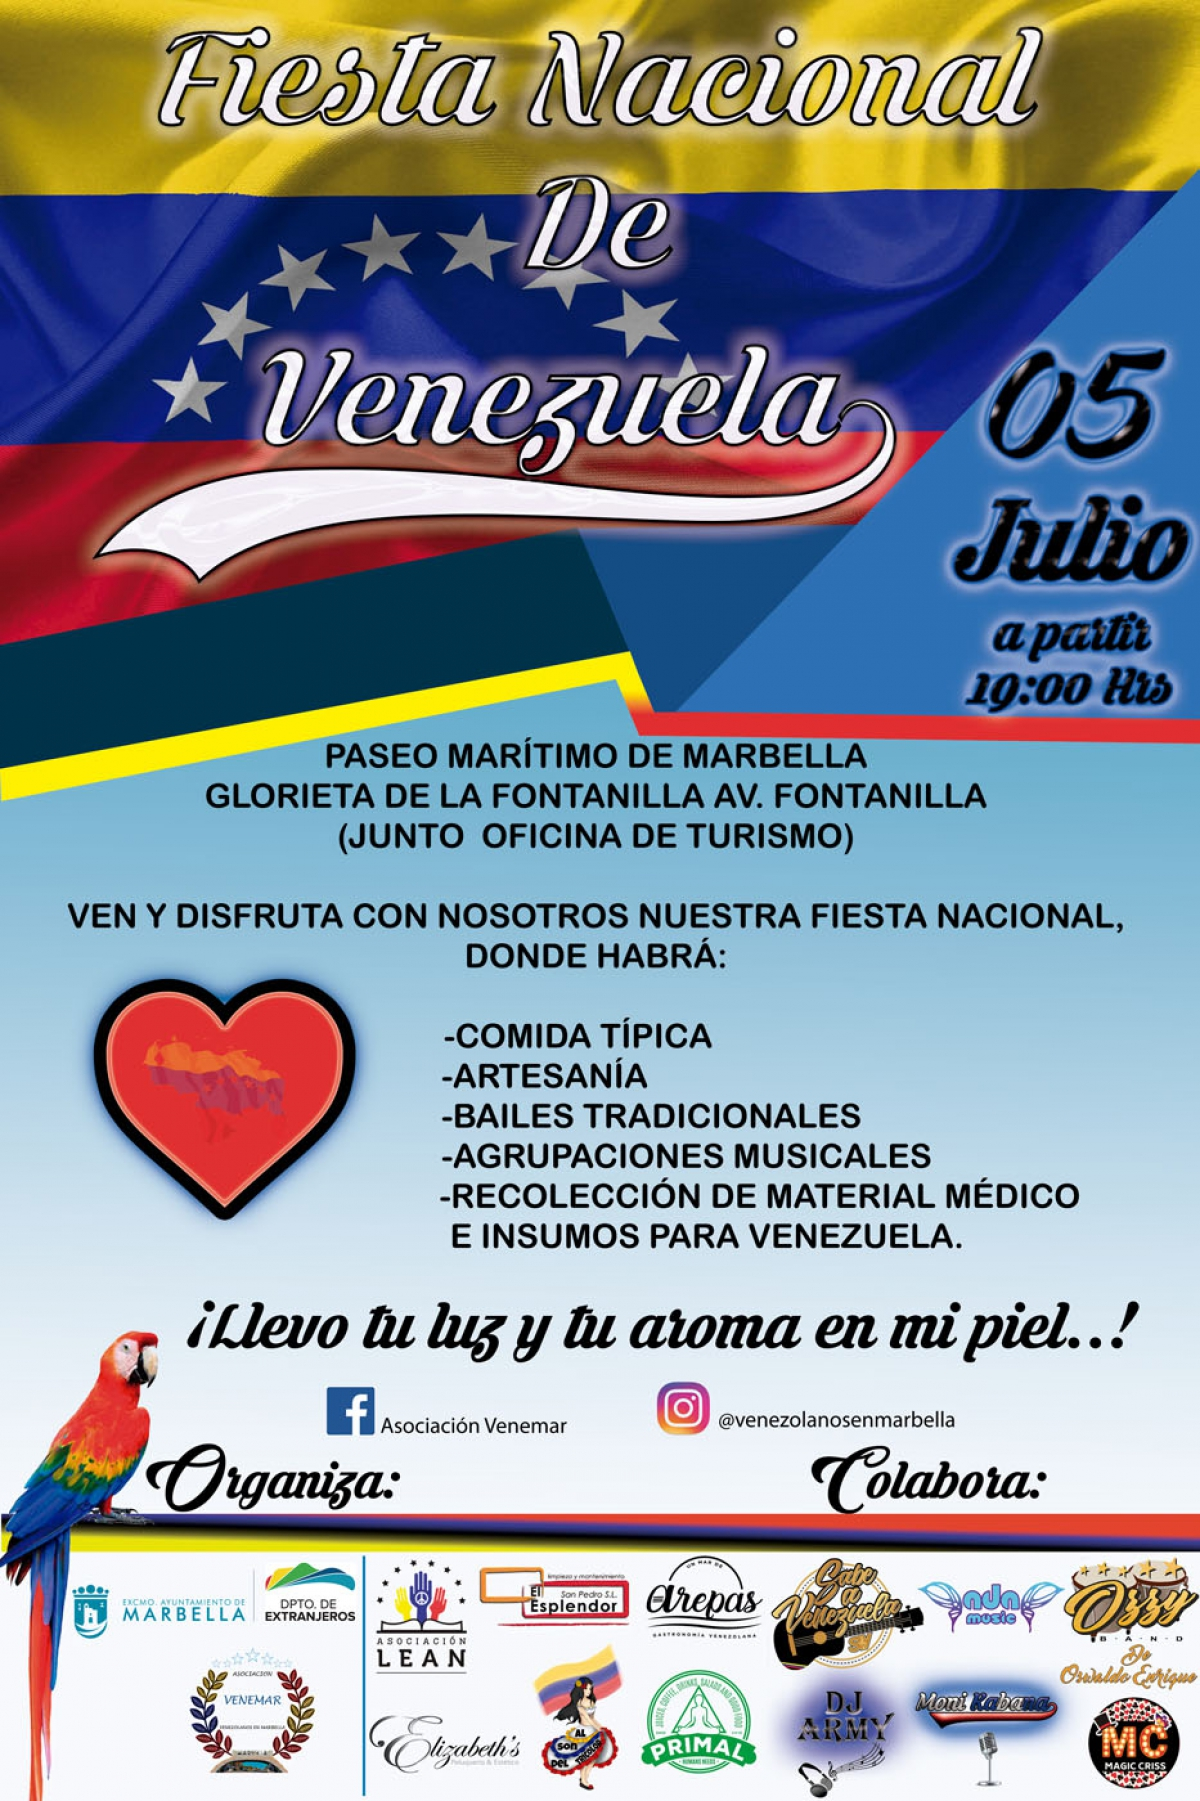 El 5 de julio se celebra la Fiesta Nacional de Venezuela en el Paseo Marítimo de Marbella